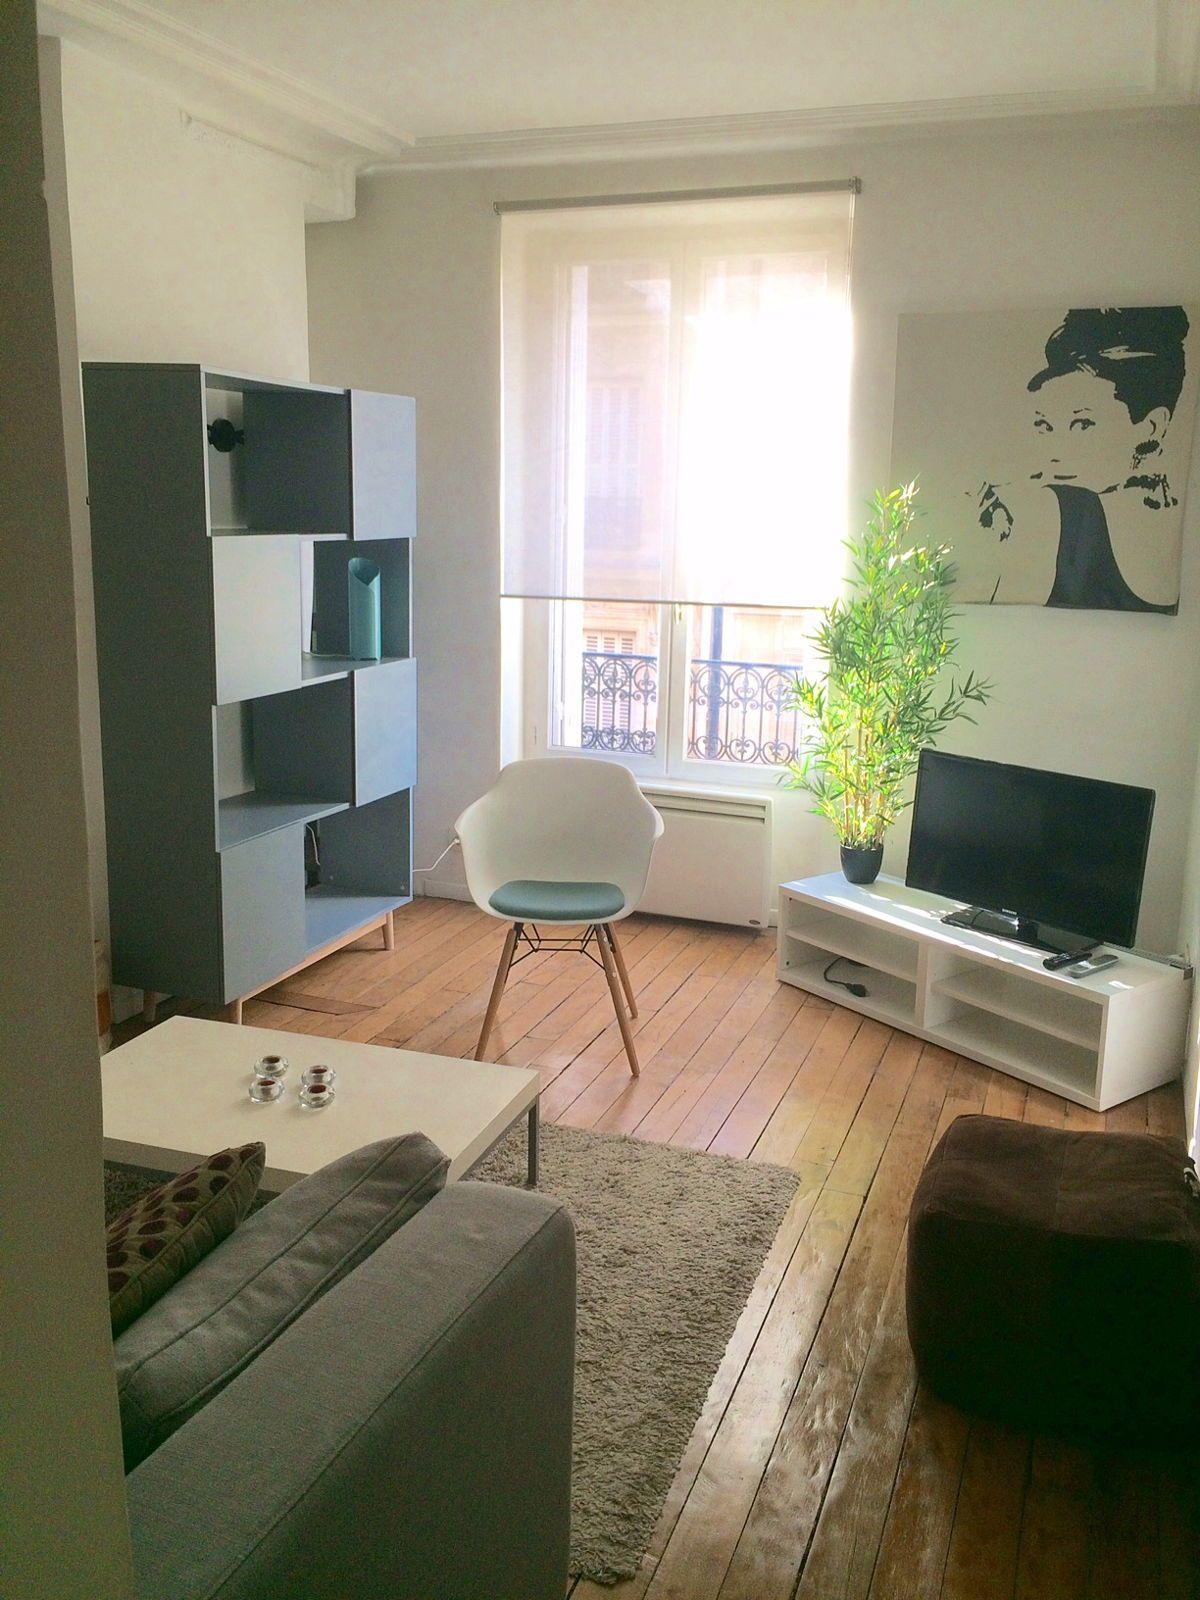 Loue charmant meublé T242m2Mairie Levallois Perret